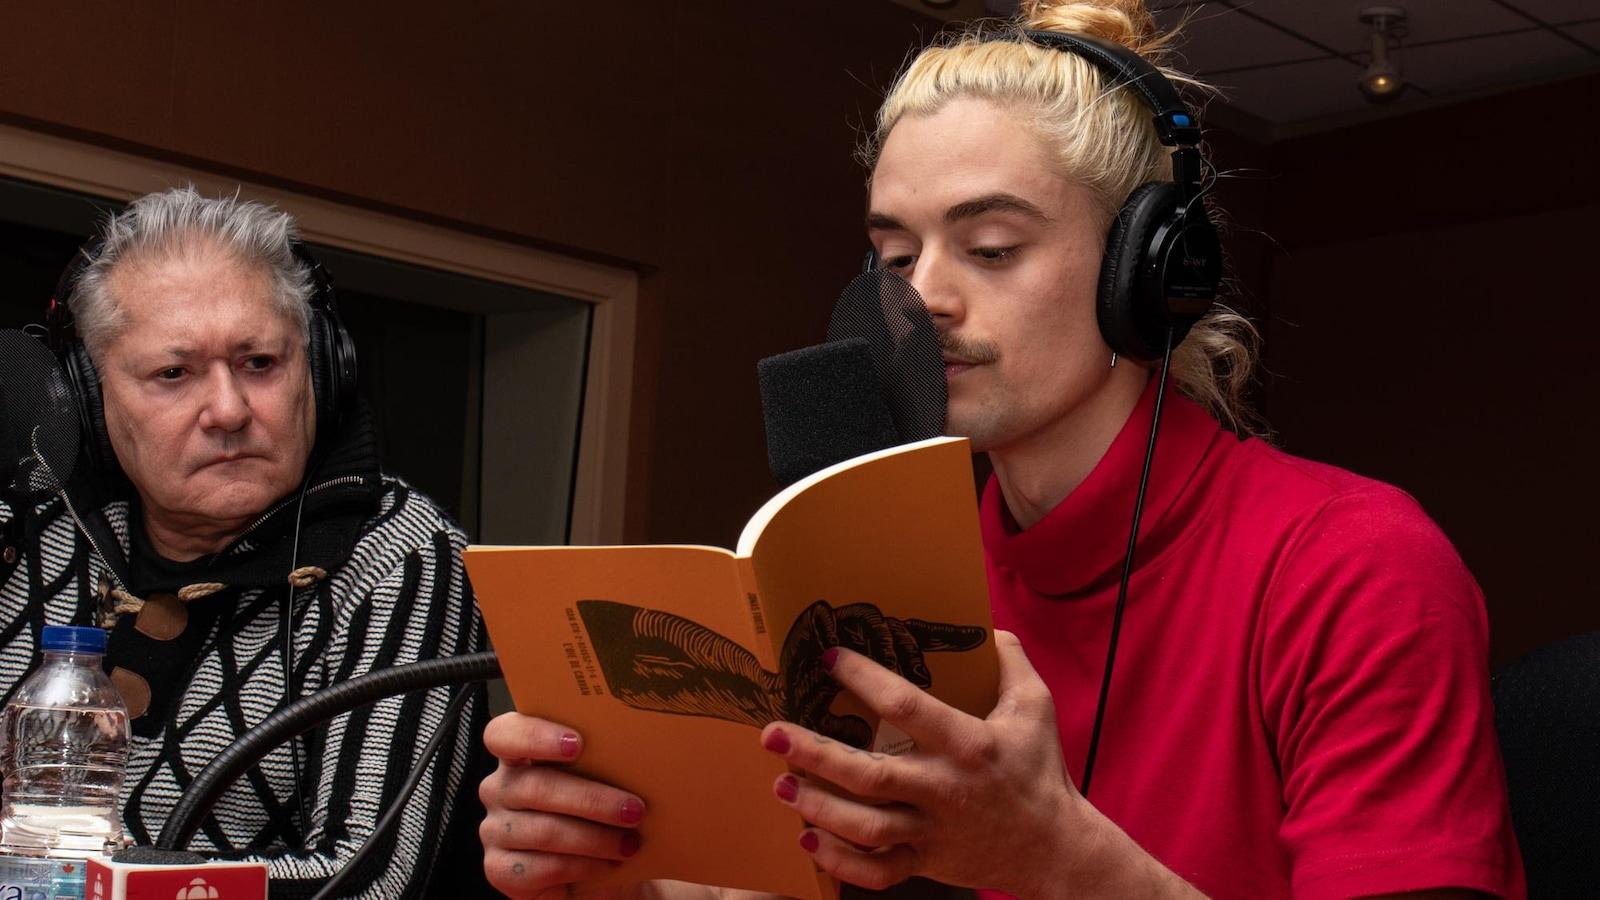 Cheveux décolorés, le poète lit dans son recueil à la couverture orangée.